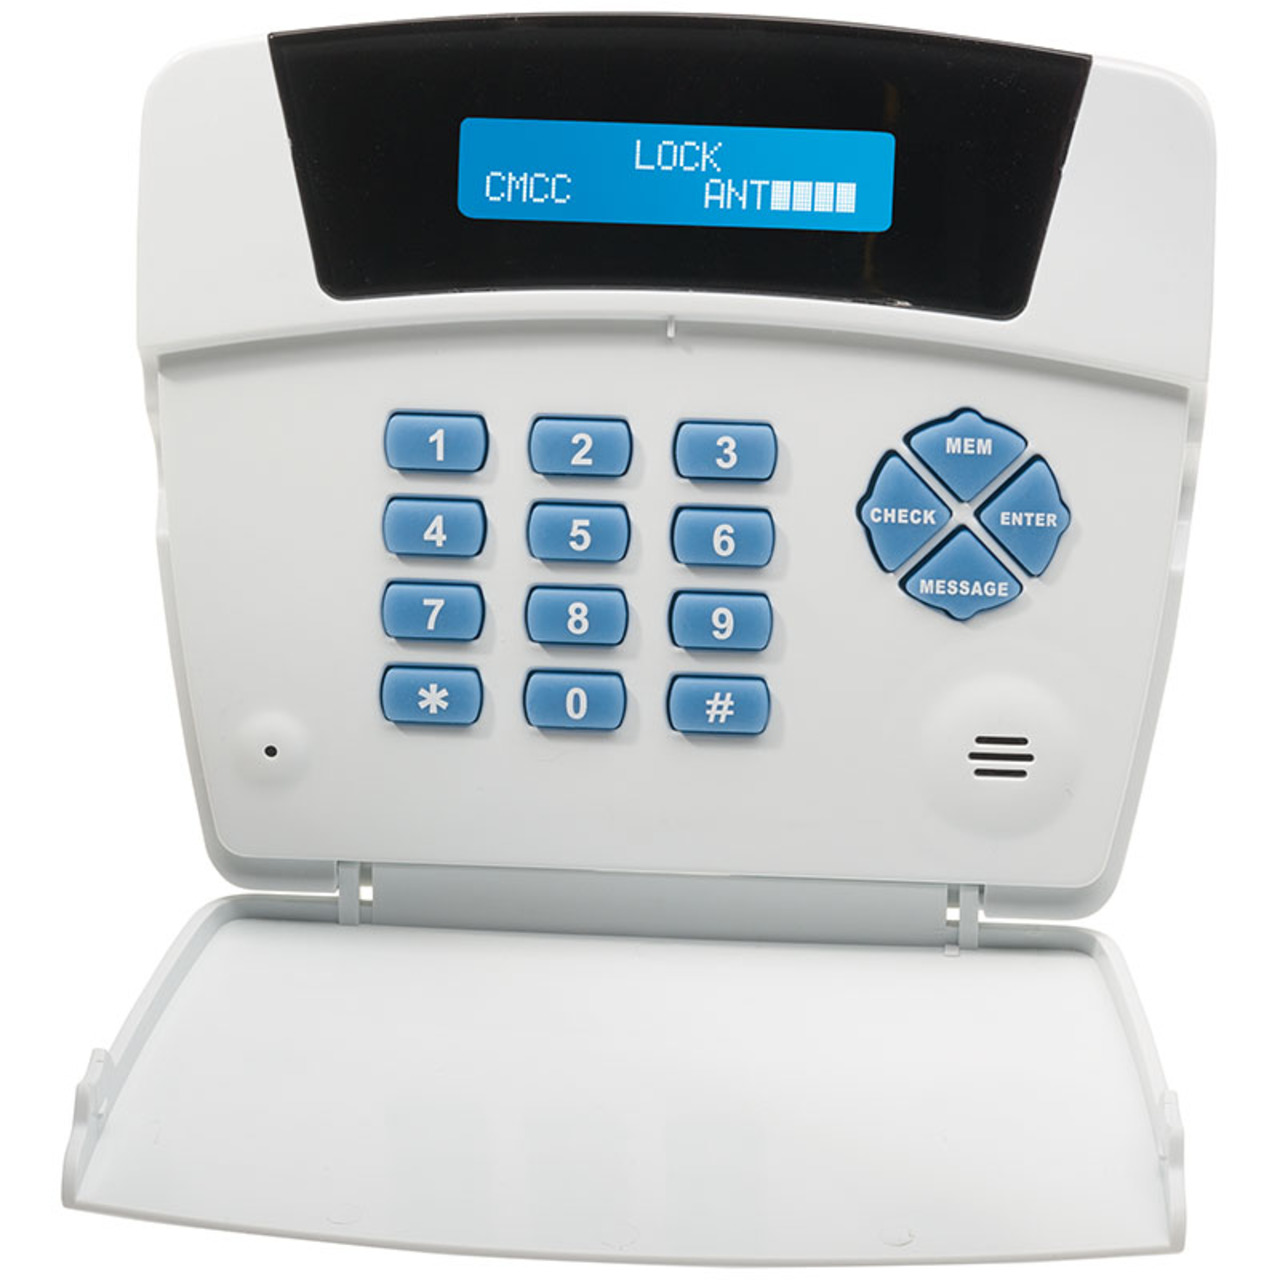 ELV GSM Telefonwund-228 hlgerund-228 t GTW-20